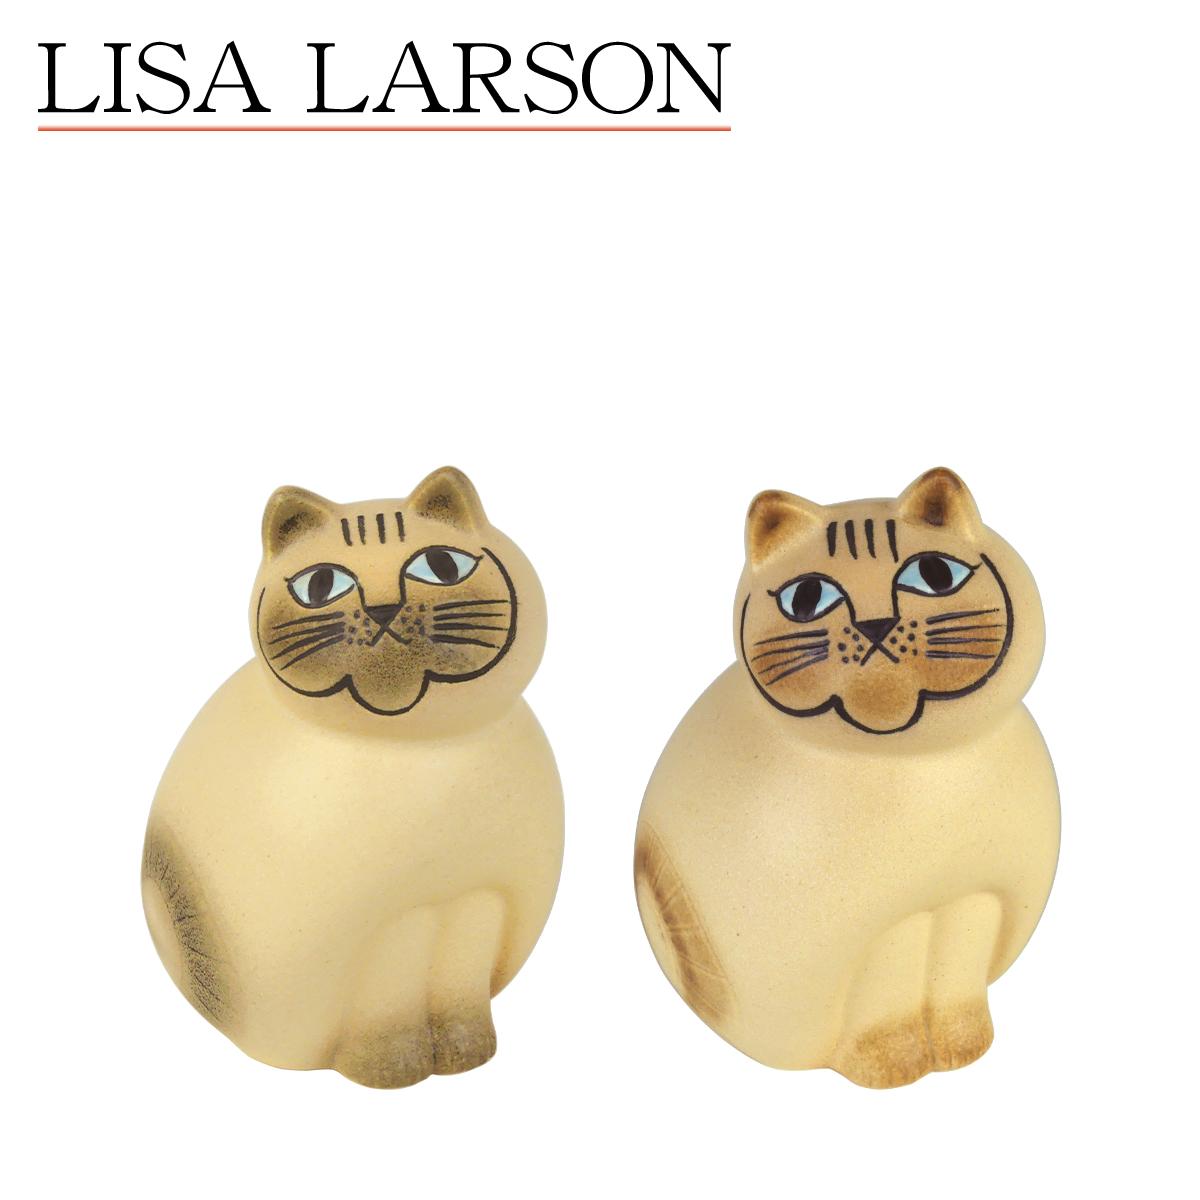 猫 北欧置物 インテリア 雑貨 陶器 かわいい動物 リサラーソン 直営限定アウトレット キャット リサ ラーソン ミア ネコ 動物 北欧 Mia オブジェ Larson Medium Semi ハイクオリティ Cats Lisa ねこ セミミディアム 陶器置物 Cat